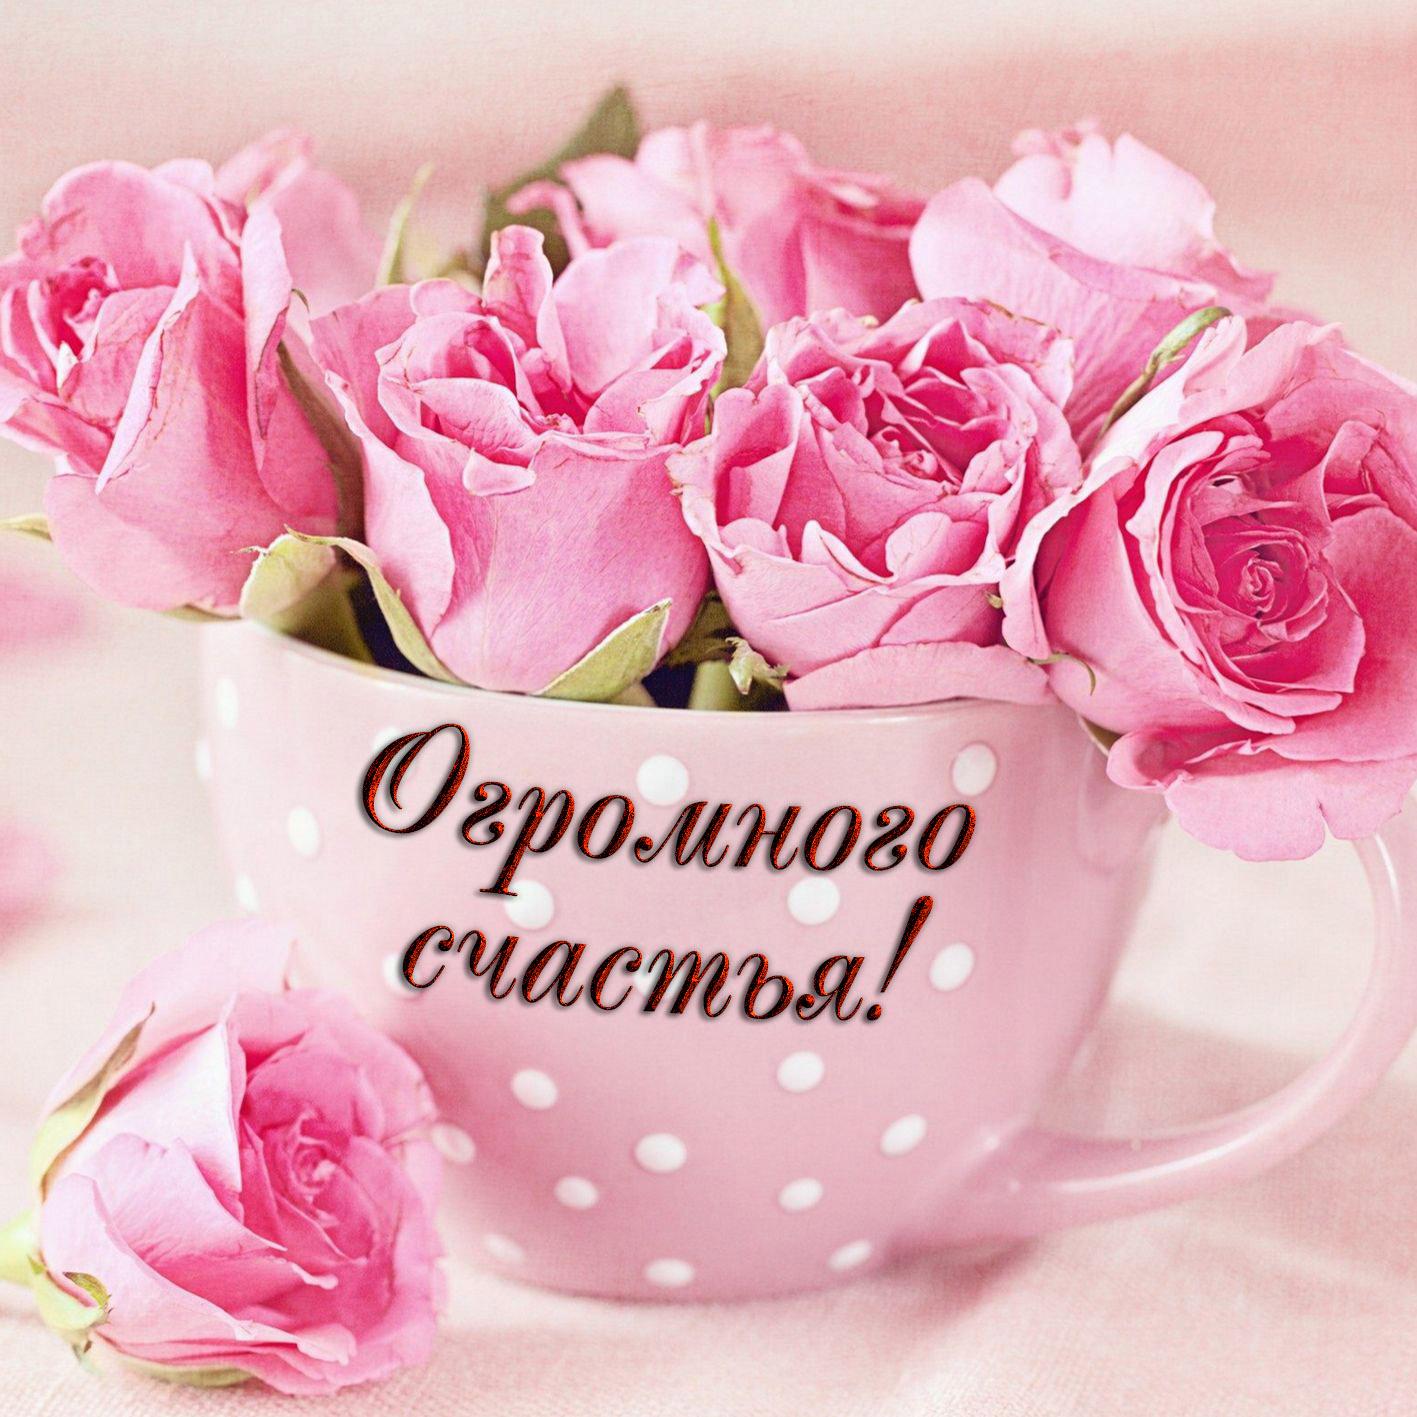 любители открытка желаю счастья с цветами приносит вам сердечный